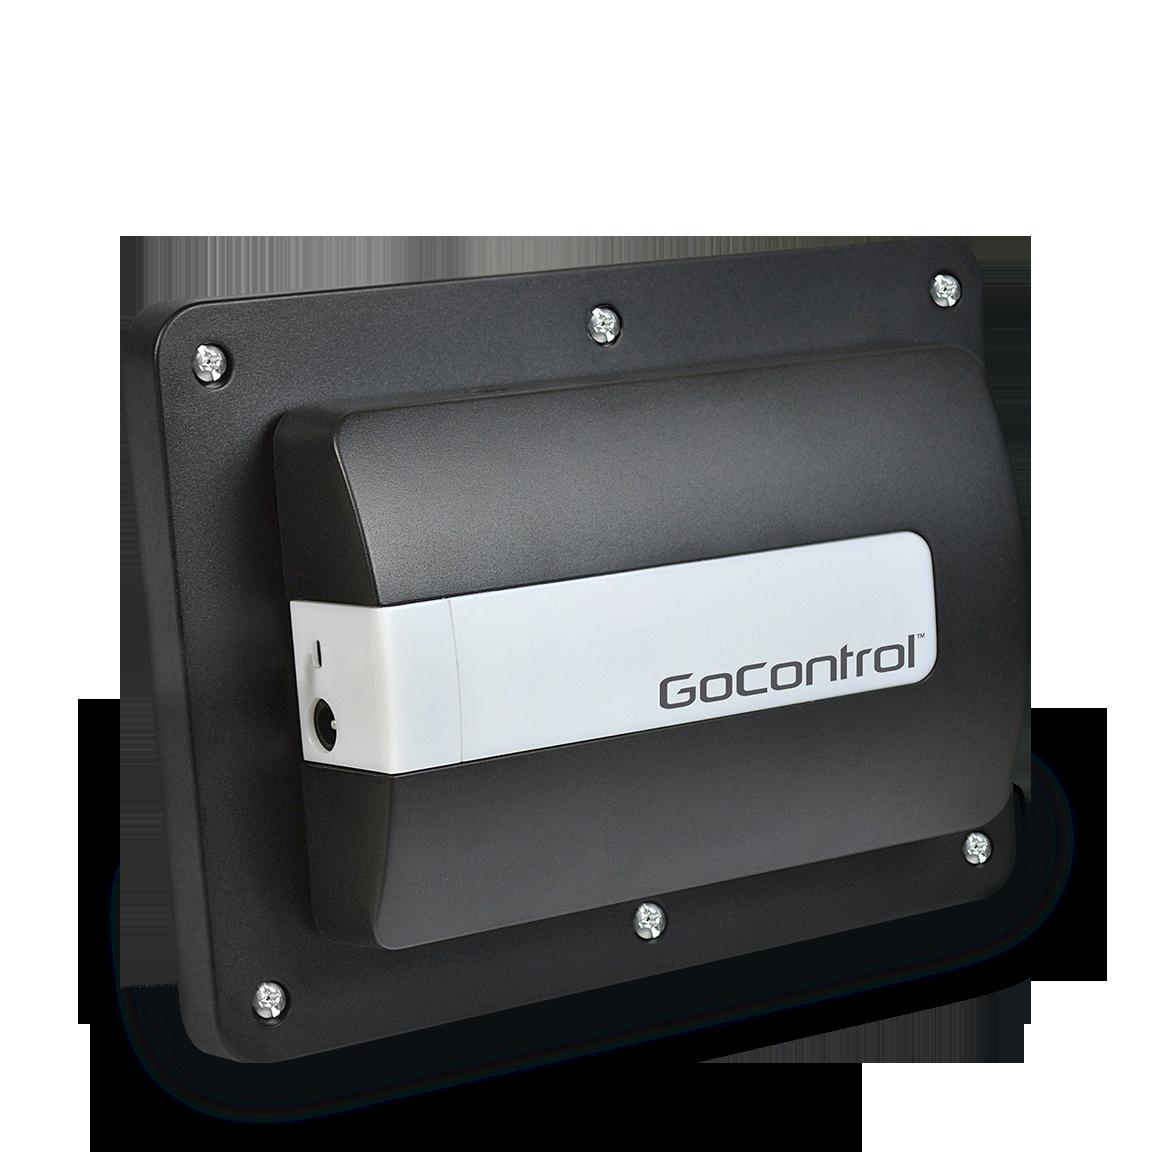 smartthings undefined gocontrol garage door opener - Smartthings Garage Door